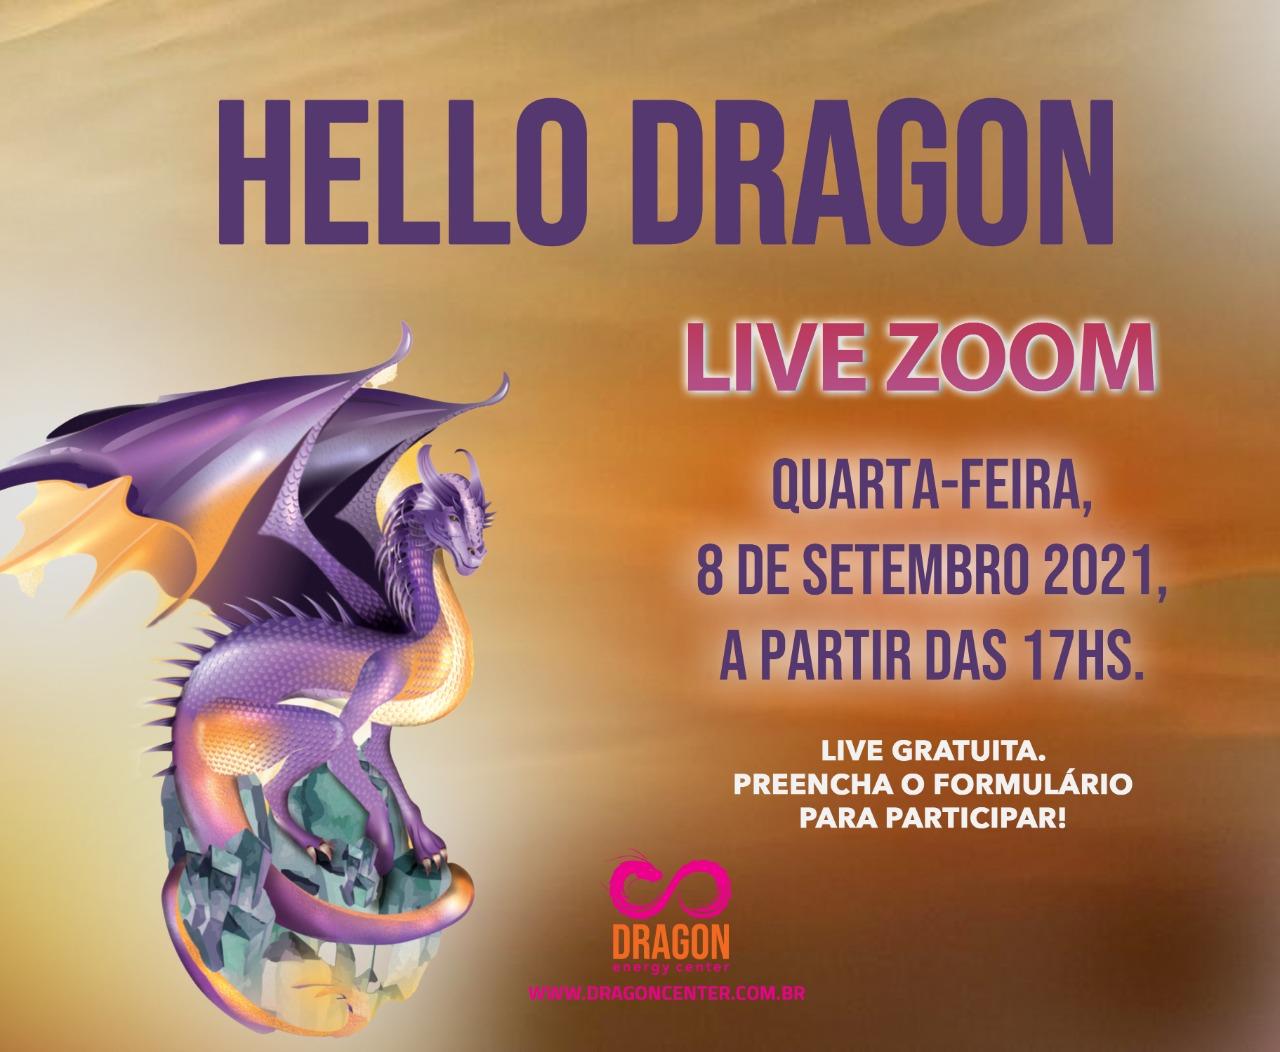 LIVE DRAGÃO DO MÊS - HELLO DRAGON